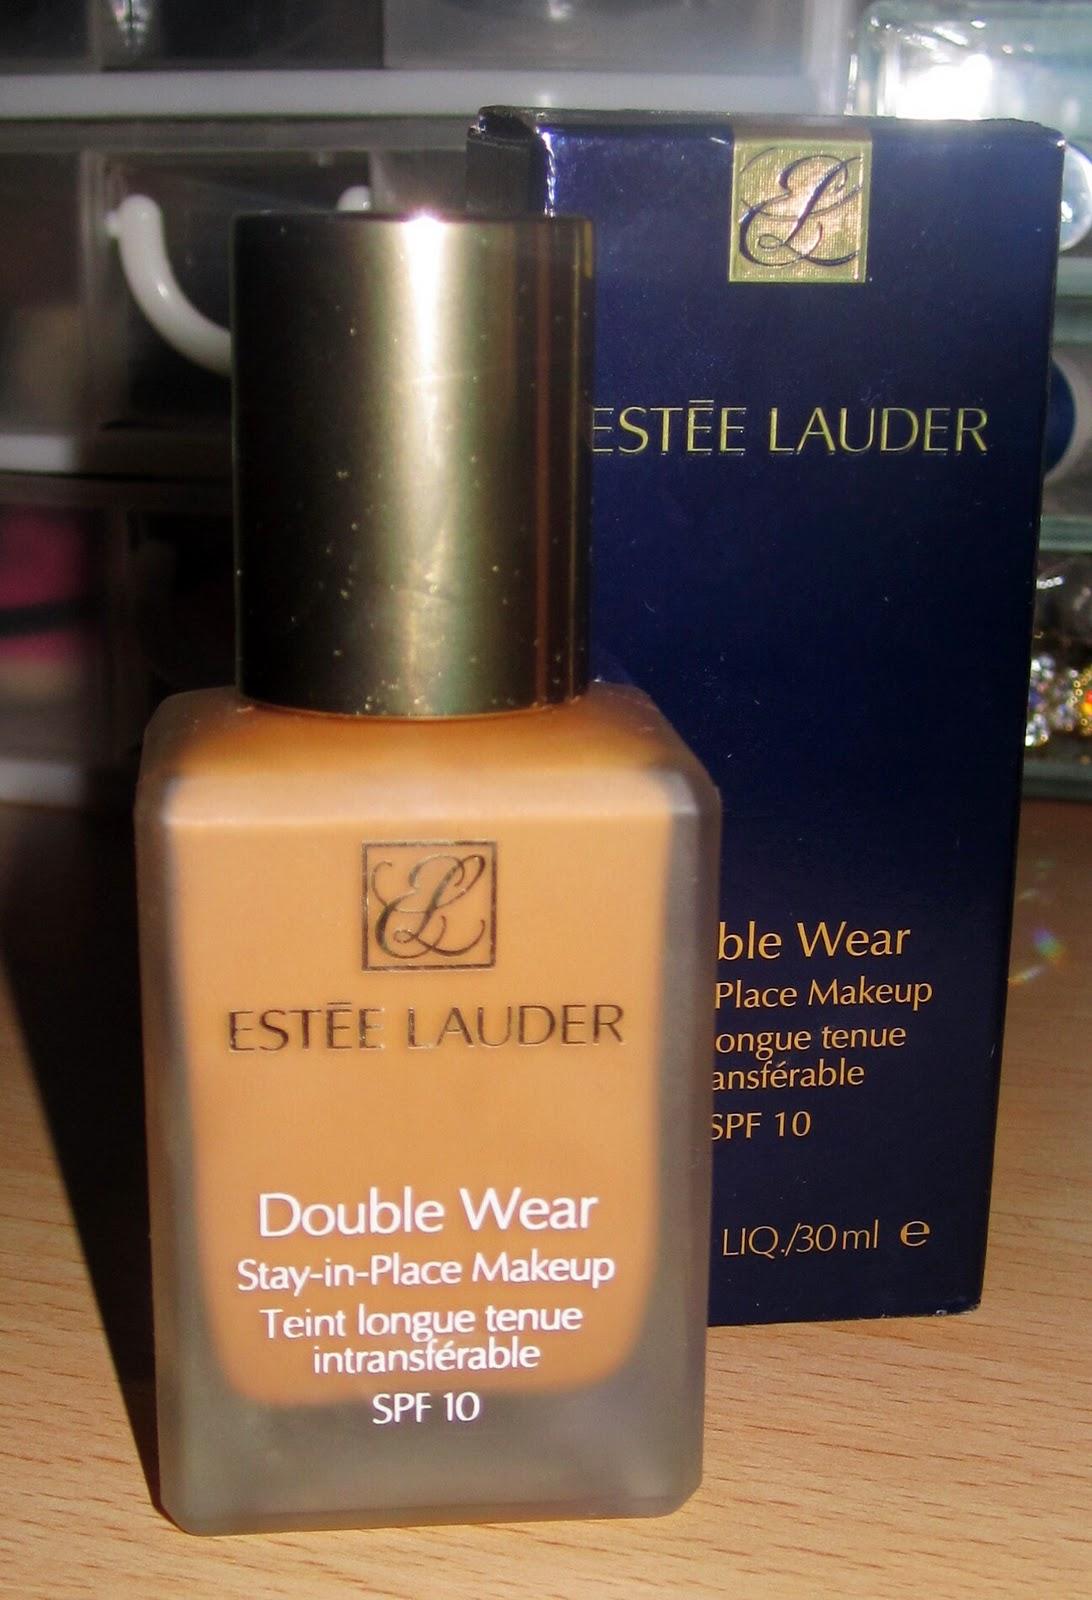 estee lauder double wear in the Czech republic